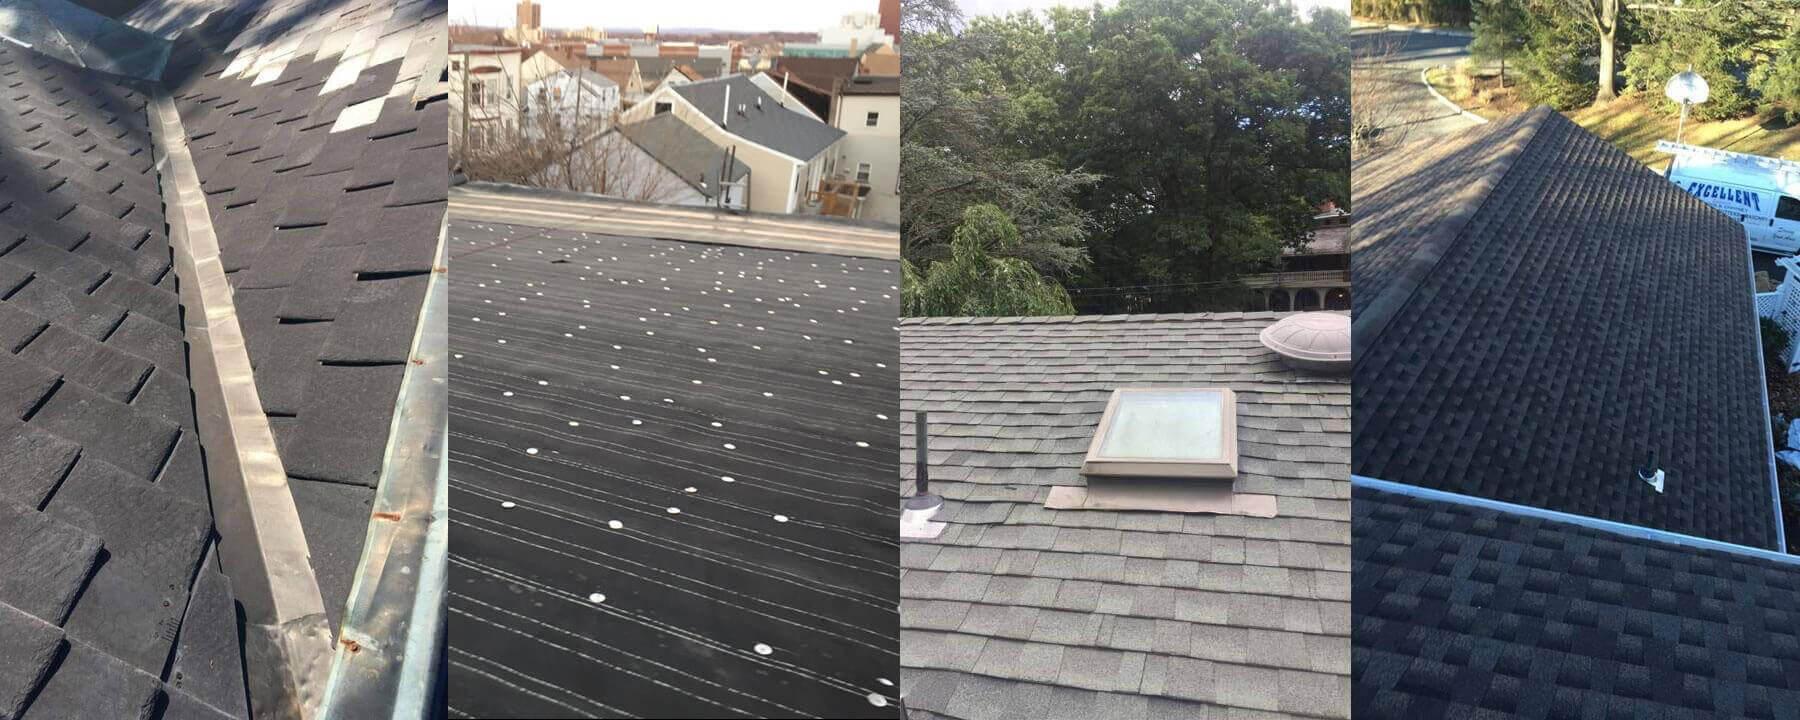 Roof Leak Repair Chimney Flashing Bergenfield Nj